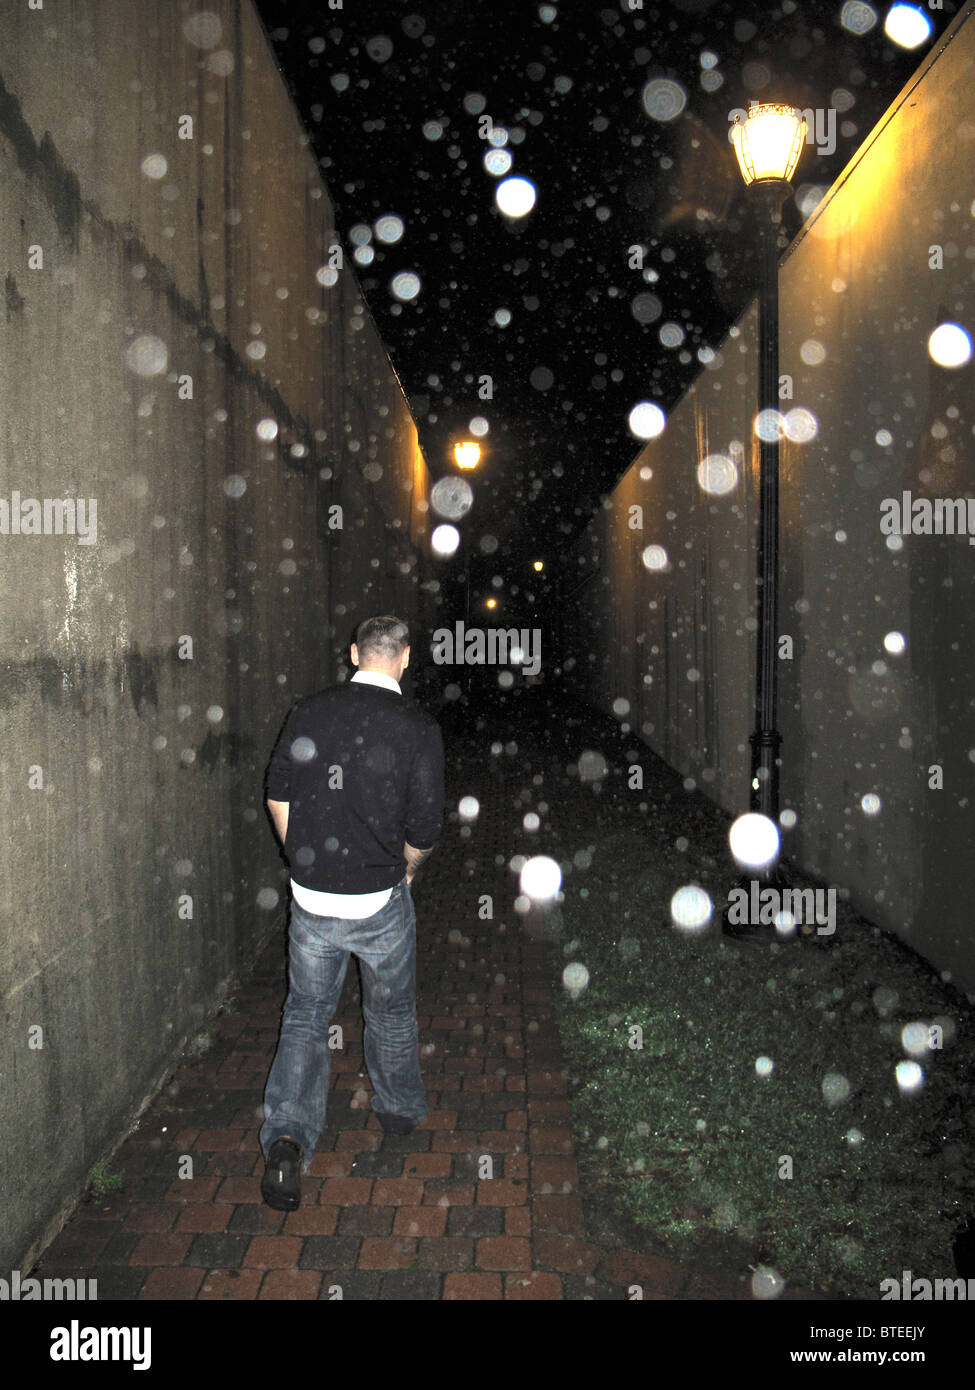 Homme marchant dans la nuit pluvieuse sur ruelle Photo Stock